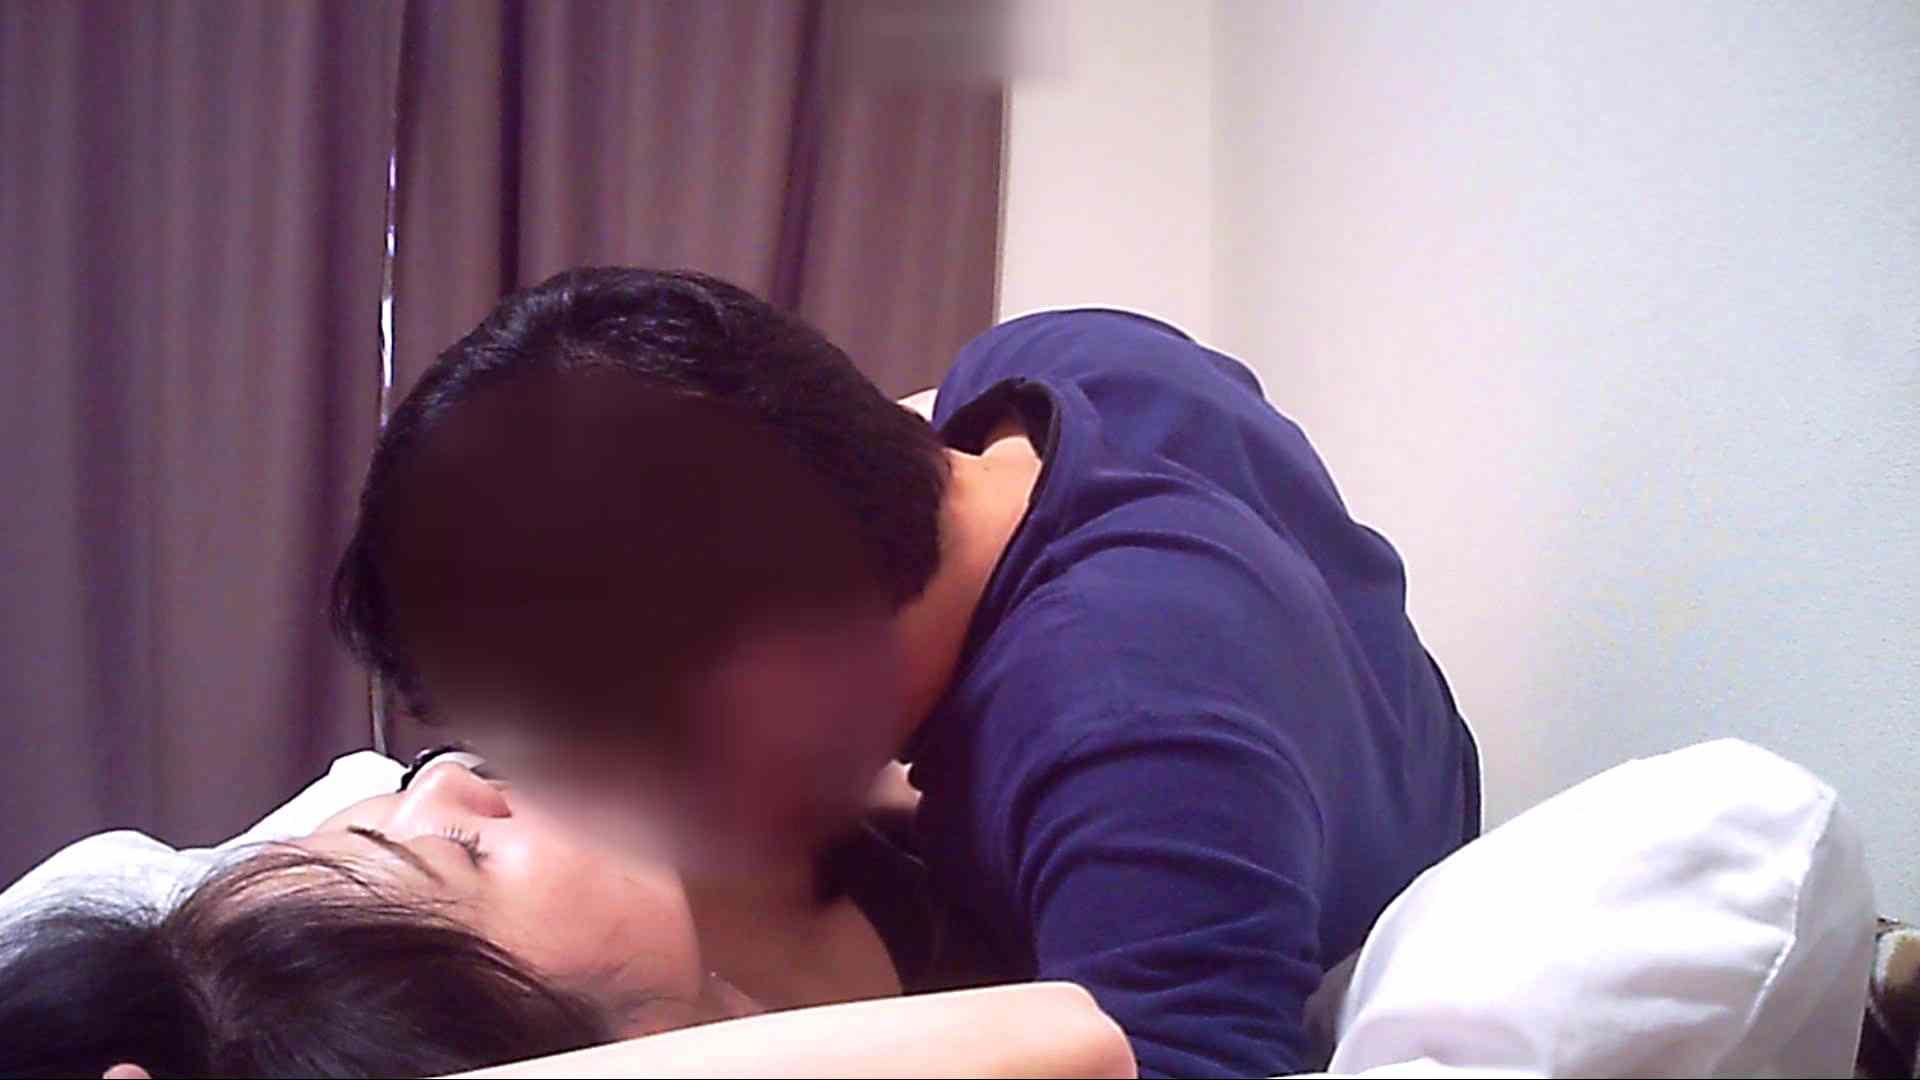 清楚な顔してかなり敏感なE子25歳(仮名)Vol.01 丸見え オメコ無修正動画無料 93画像 68